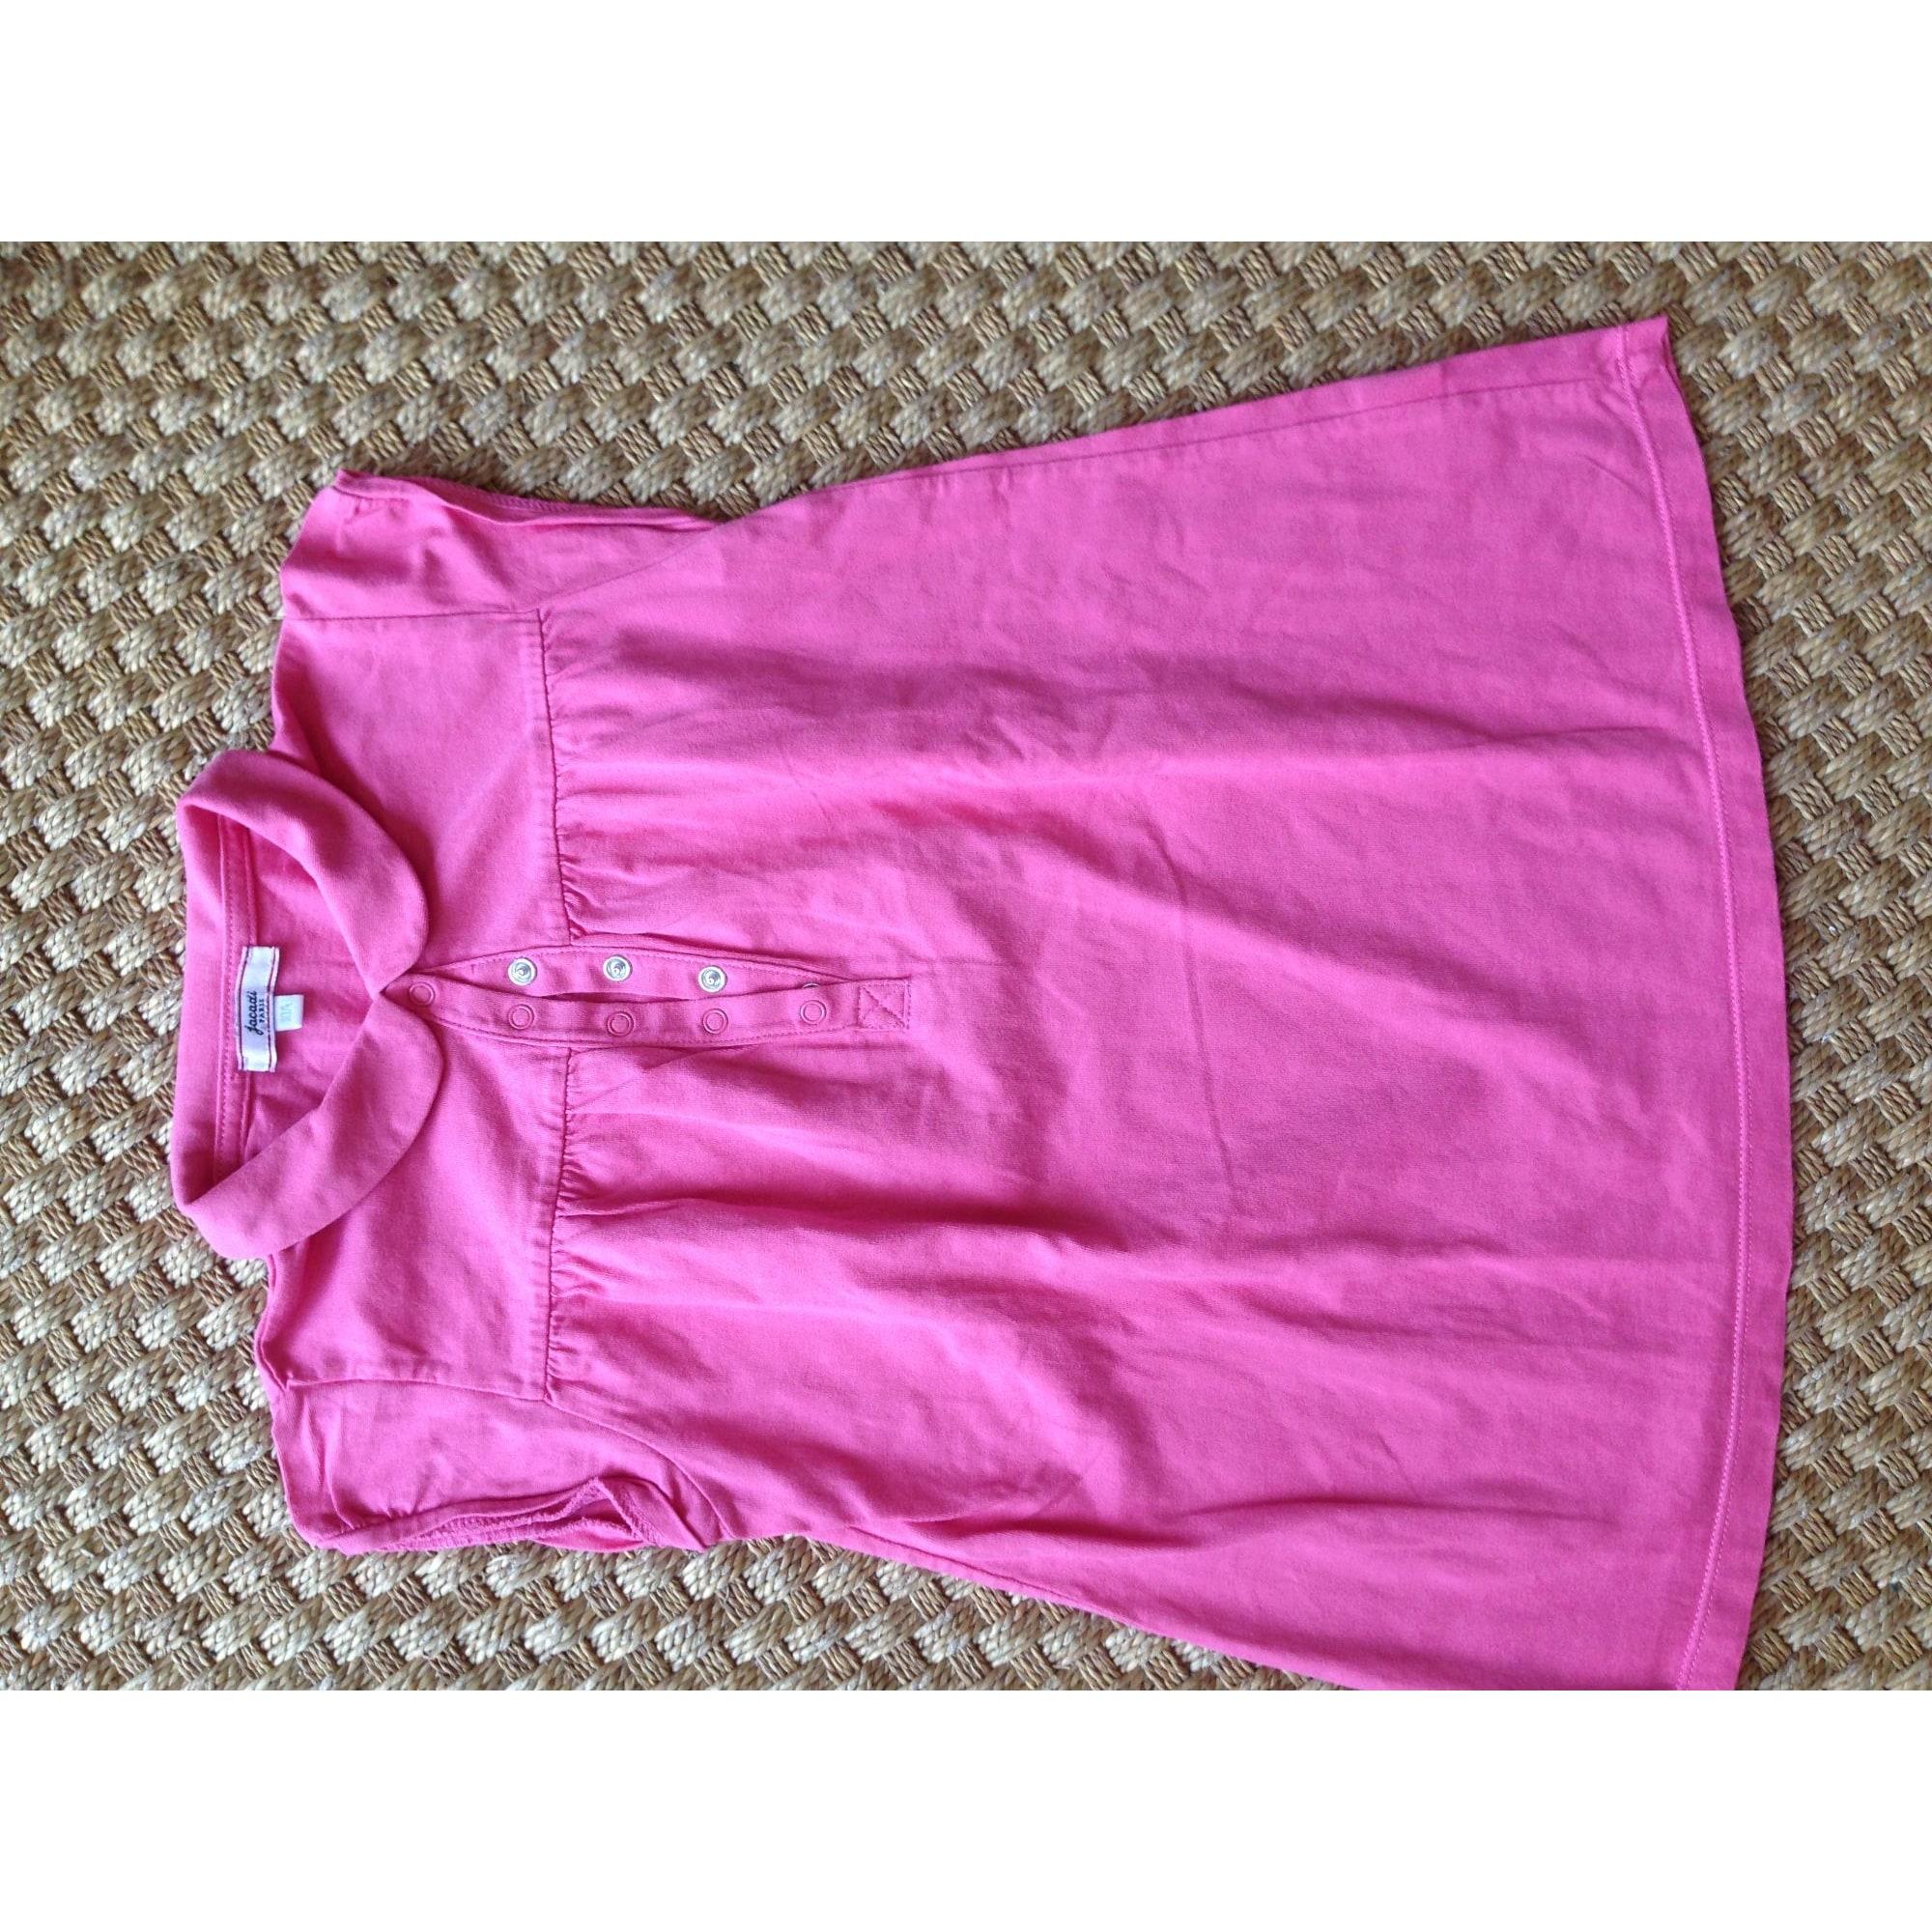 Top, Tee-shirt JACADI Rose, fuschia, vieux rose